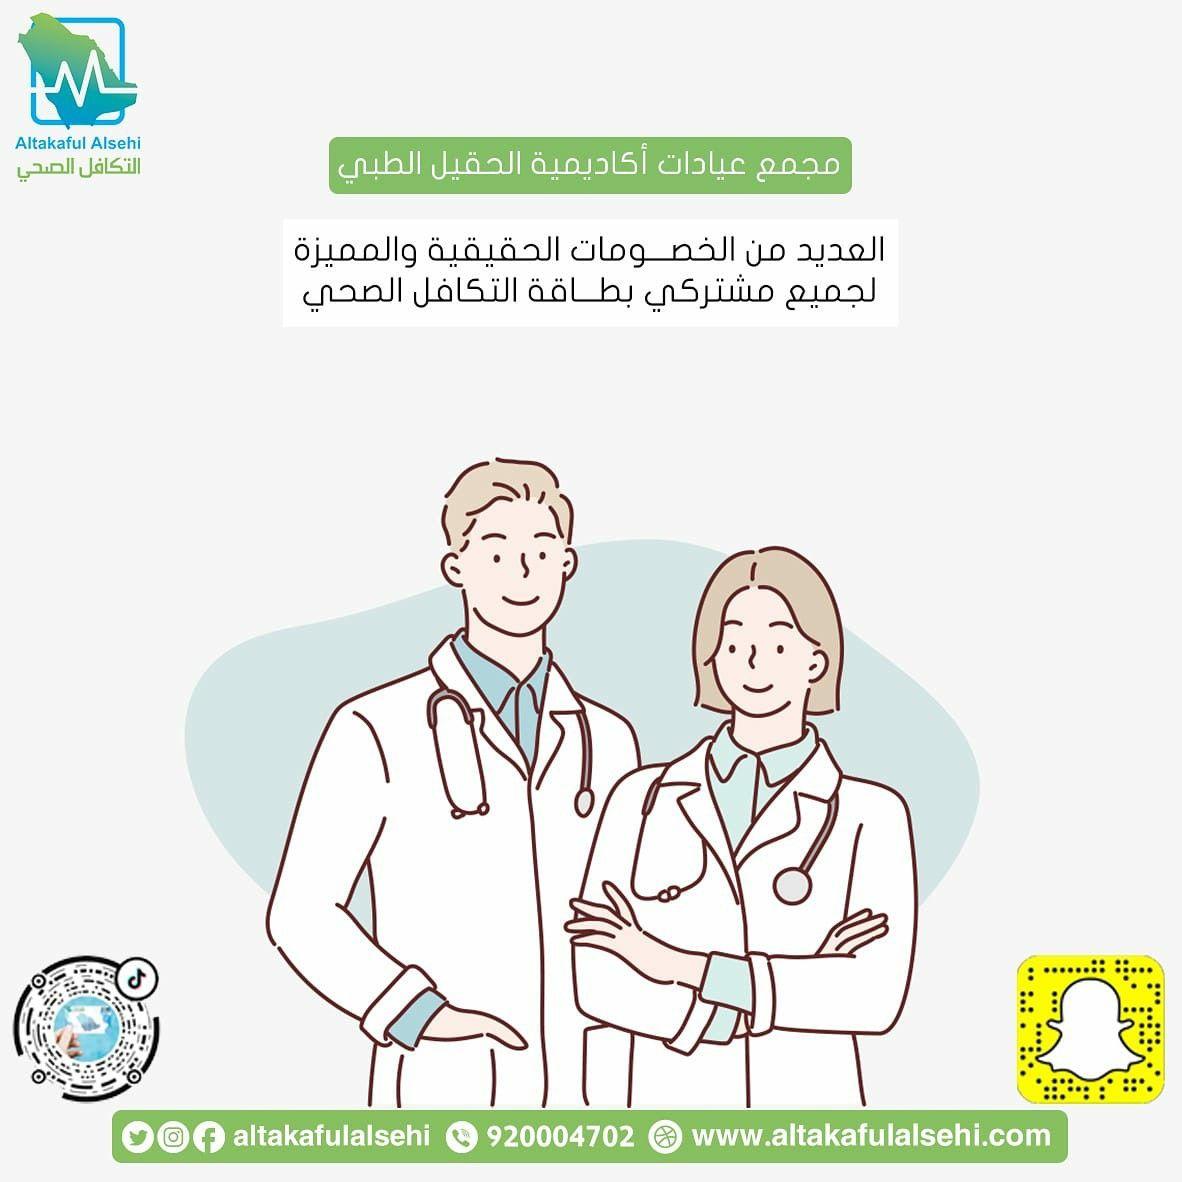 نقدم لكم أفضل الخدمات الطبية من مجمع عيادات أكاديمية الحقيل الطبي الرقمي التخصصي في الخبر بخصومات مميزة على بطاقة التكافل ا Health Insurance Memes Ecard Meme